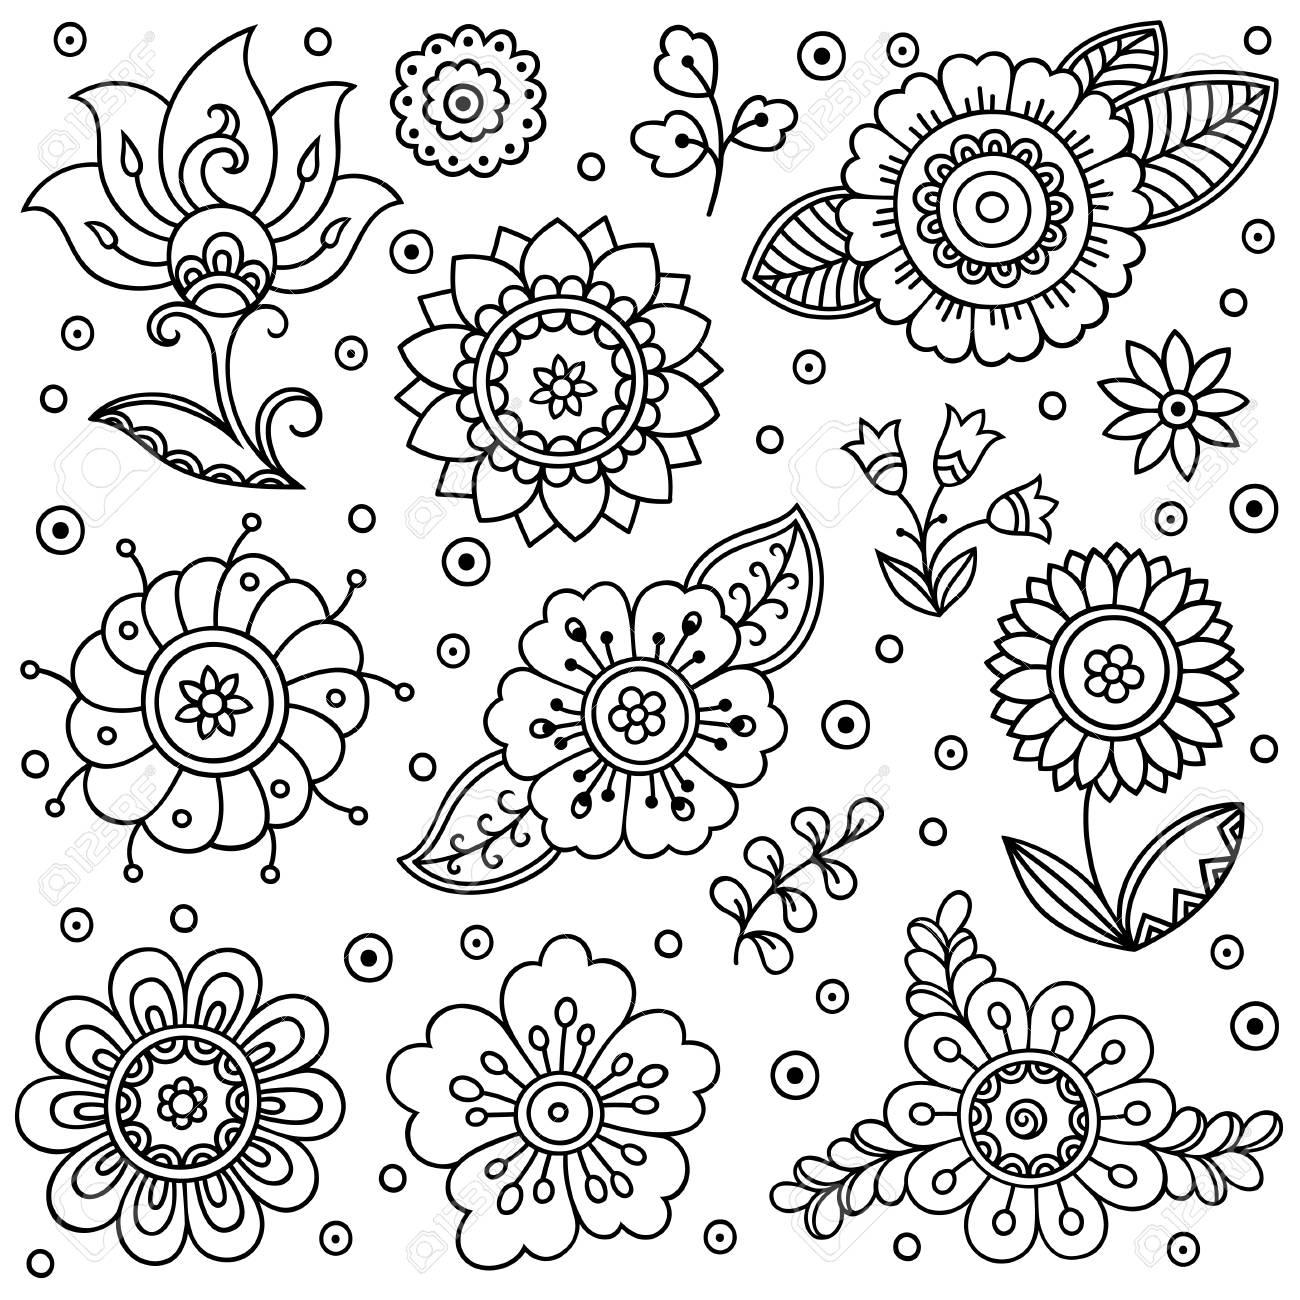 Modelo De Flor Del Vector Estilo De Dibujo Primavera Fondo Floral Elemento De Diseño En Estilo Garabatos Patrón De Libro Para Colorear